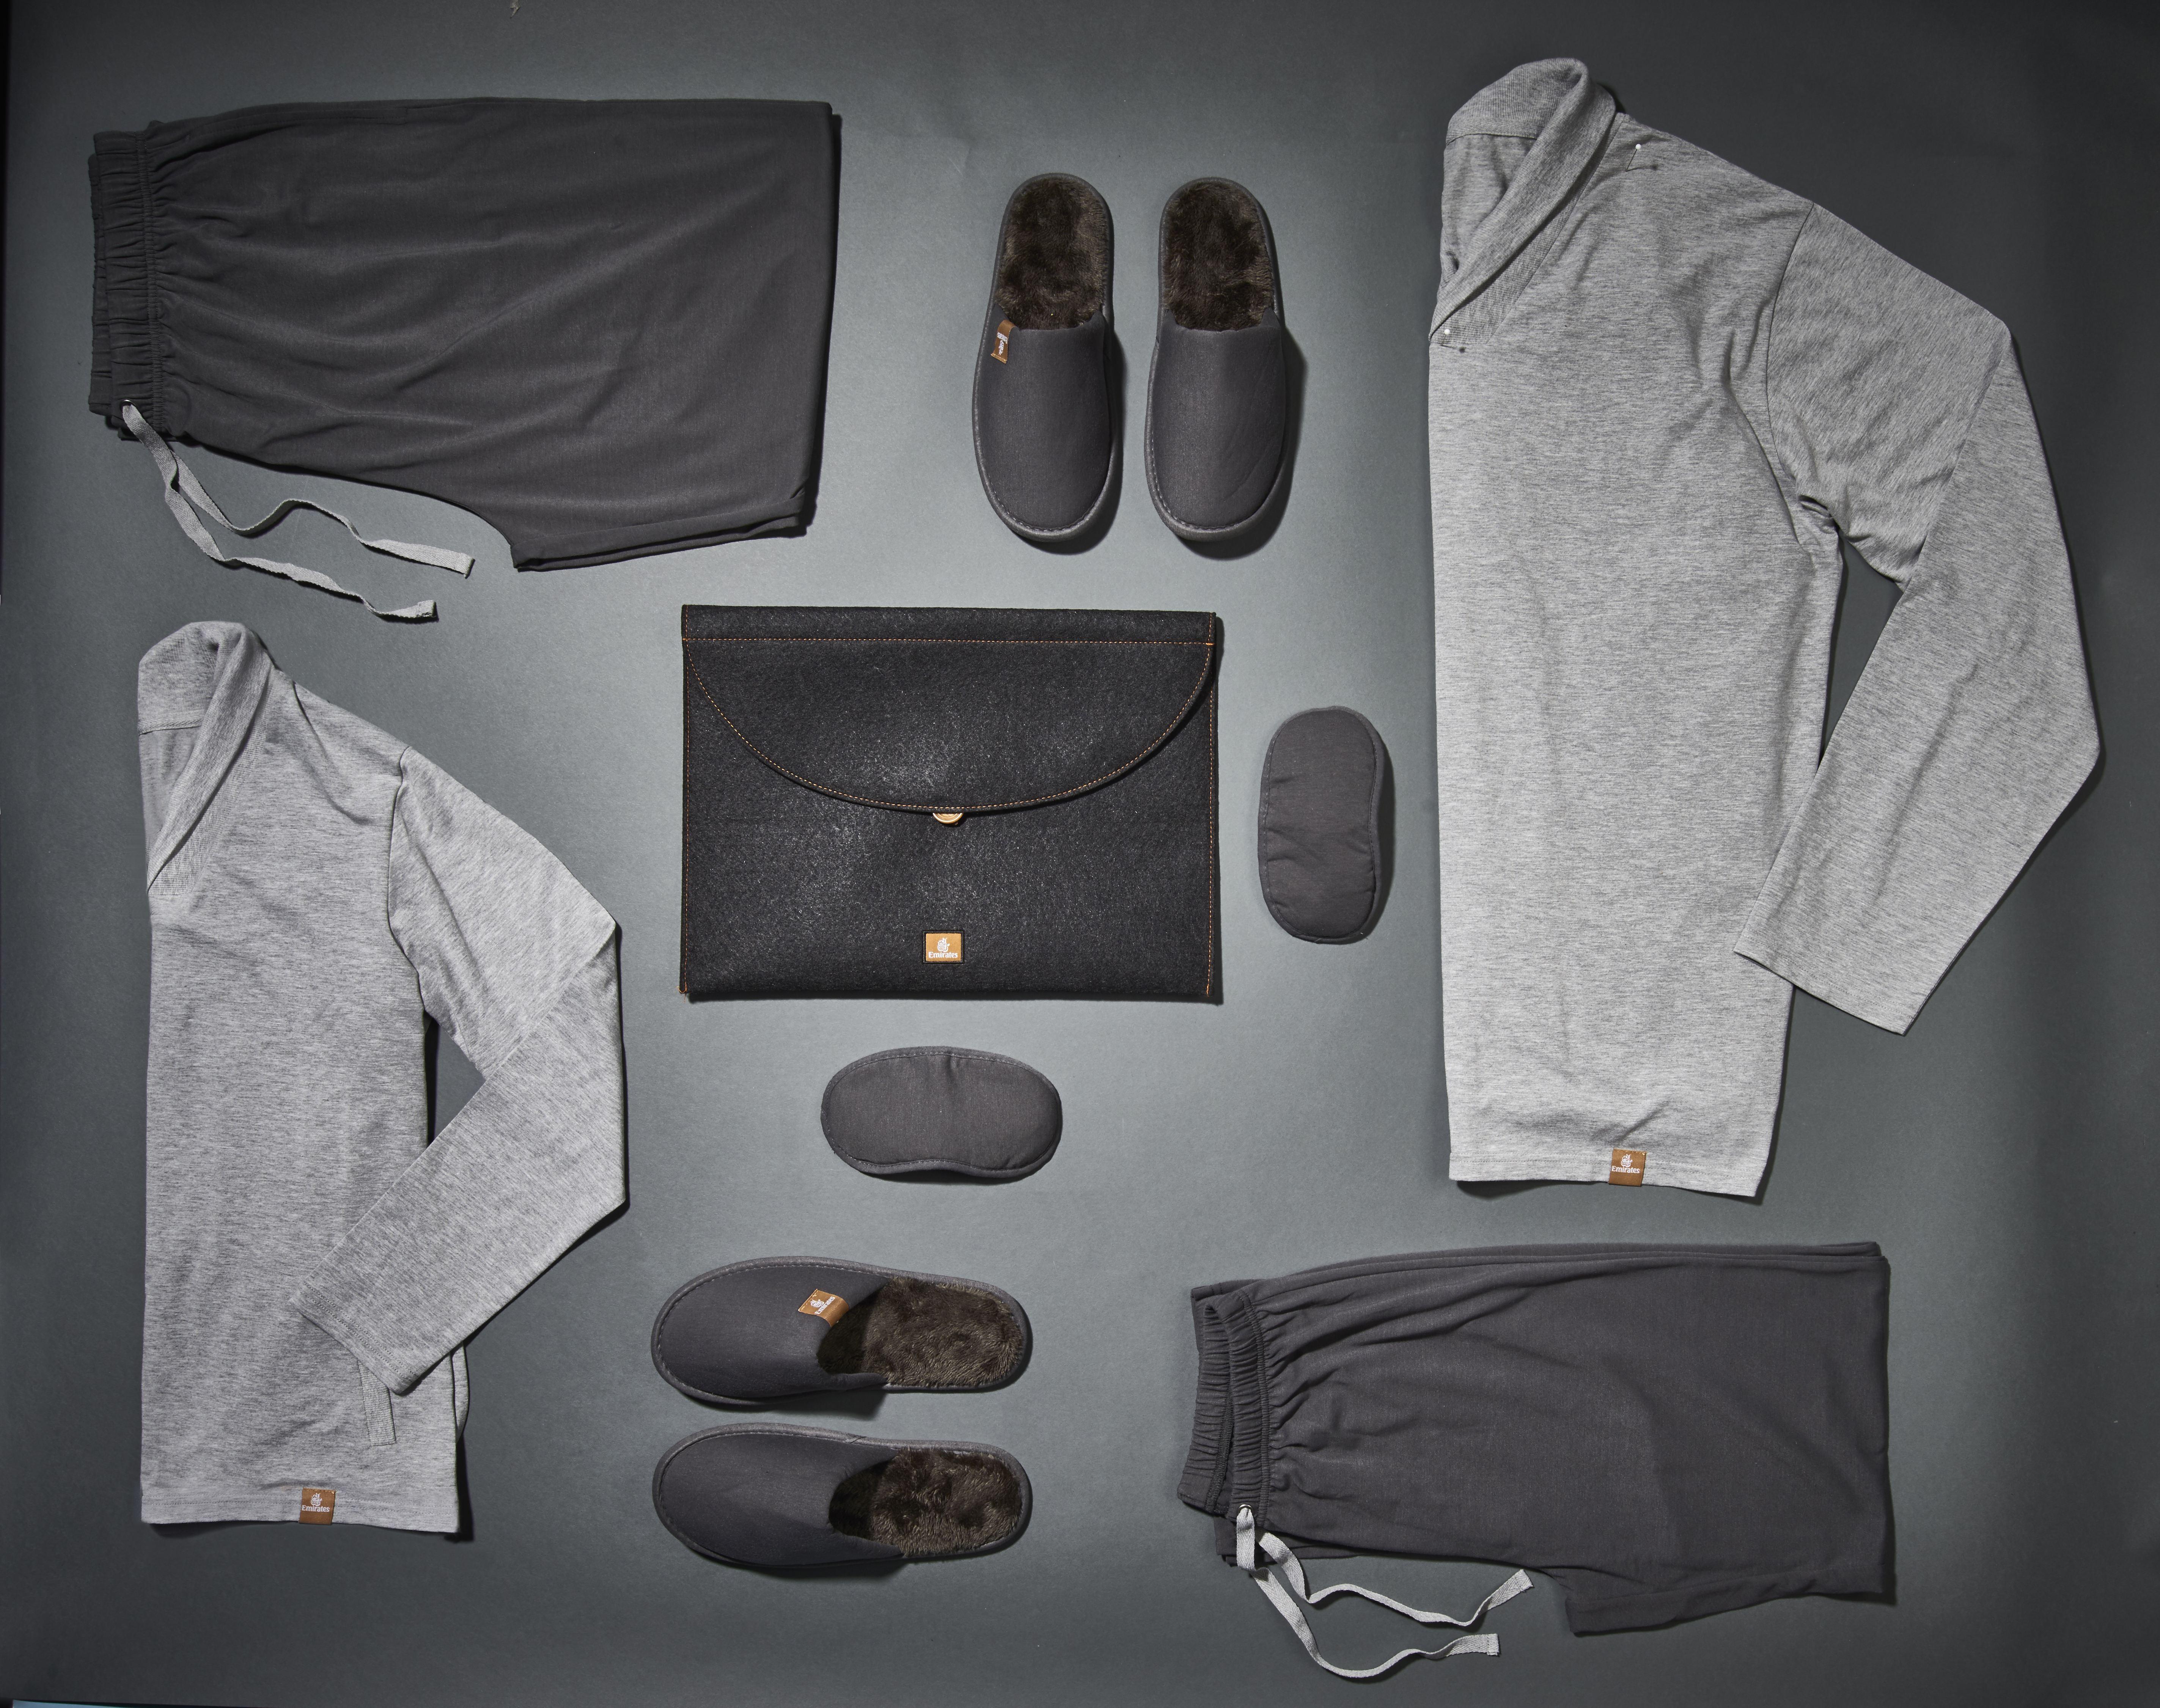 b273f3c9a61 Pijama com efeito hidratante para clientes vip. Foto  Divulgação Emirates